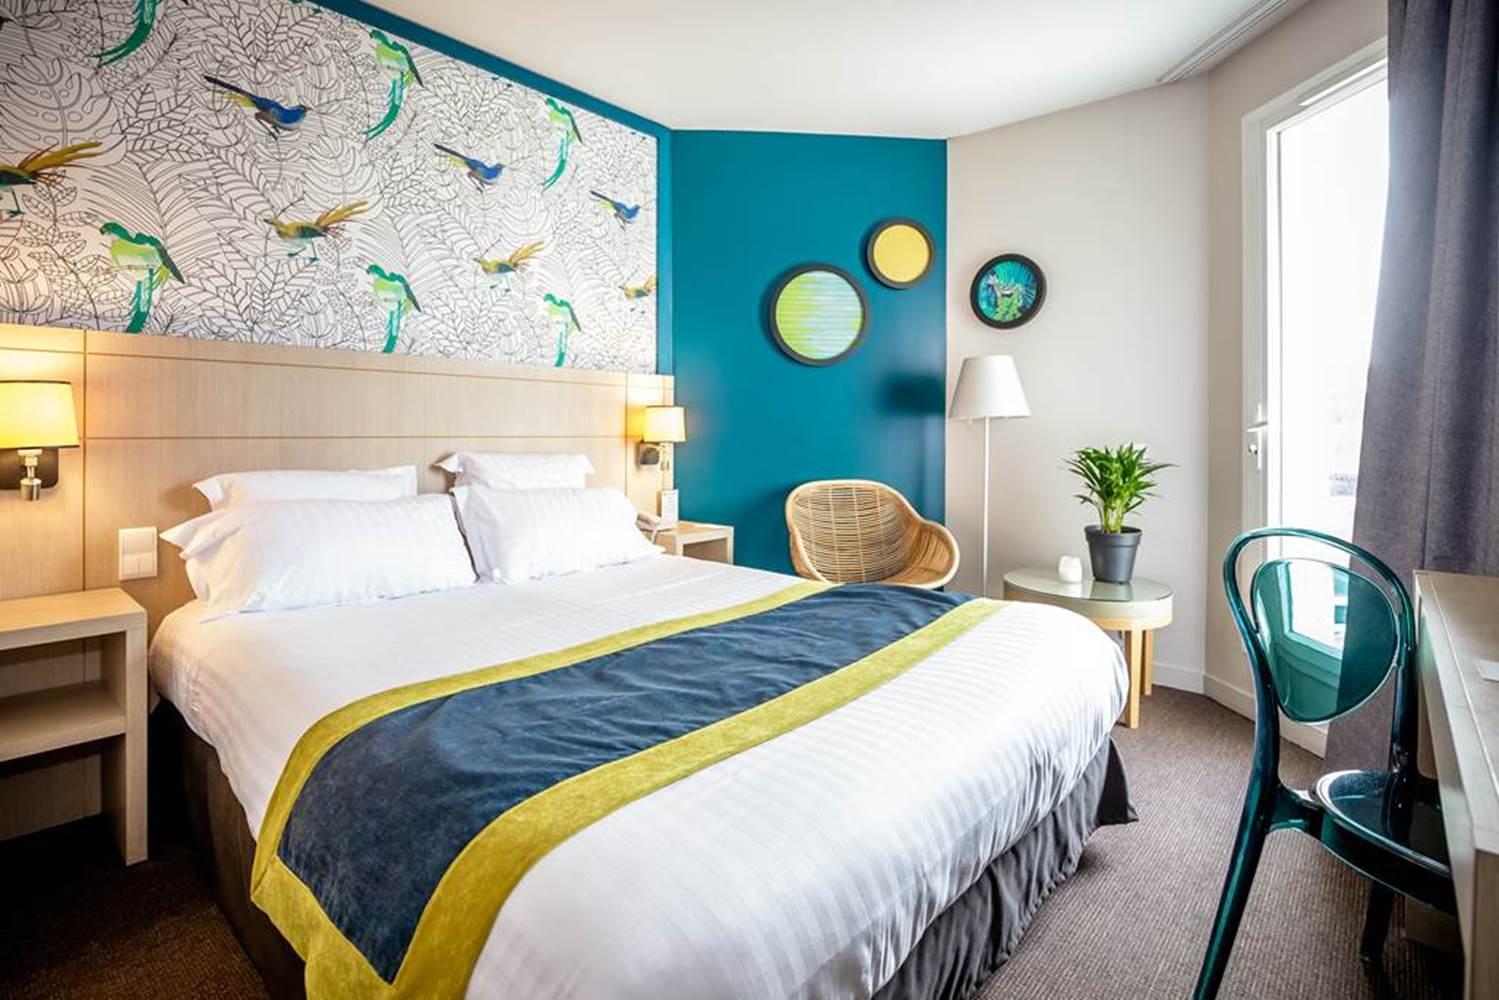 Chambre confort hôtel BEST WESTERN PLUS Vannes centre-ville ©